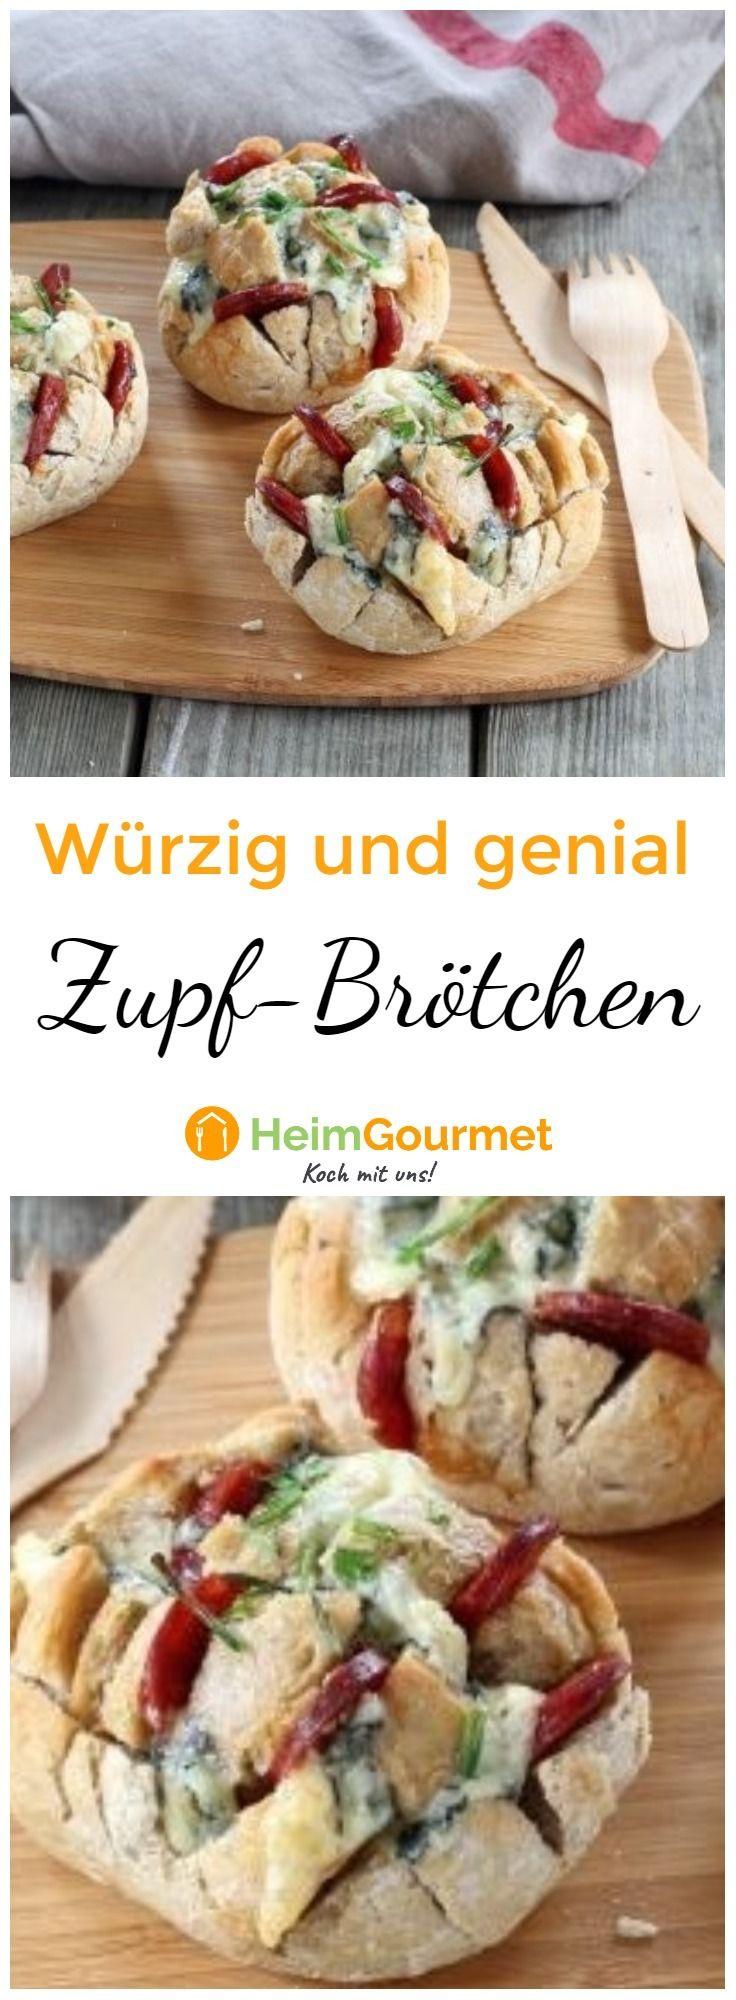 Genial: Würzige Zupf- Brötchen mit Käse